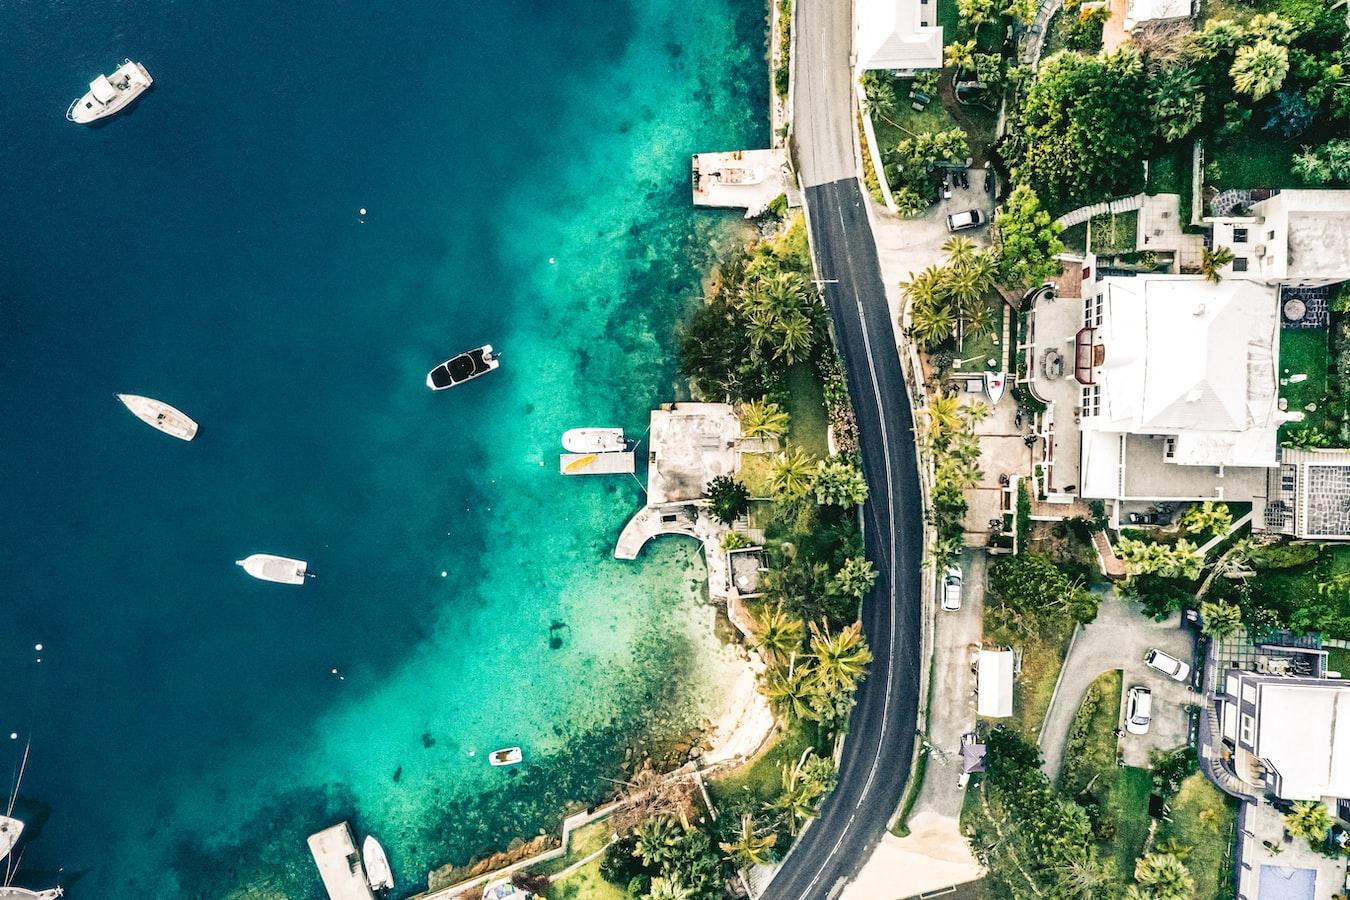 A street running by the ocean in Bermuda